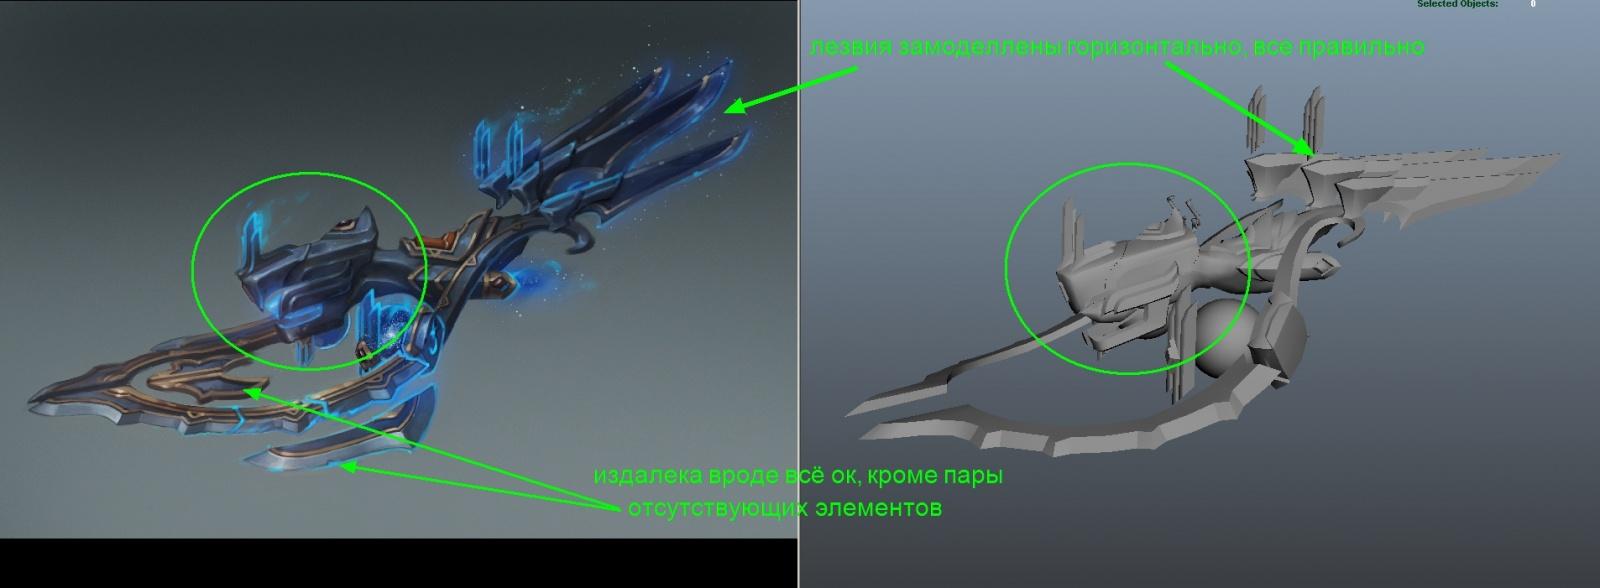 Разработка персонажей для игры «Аллоды Онлайн» - 3